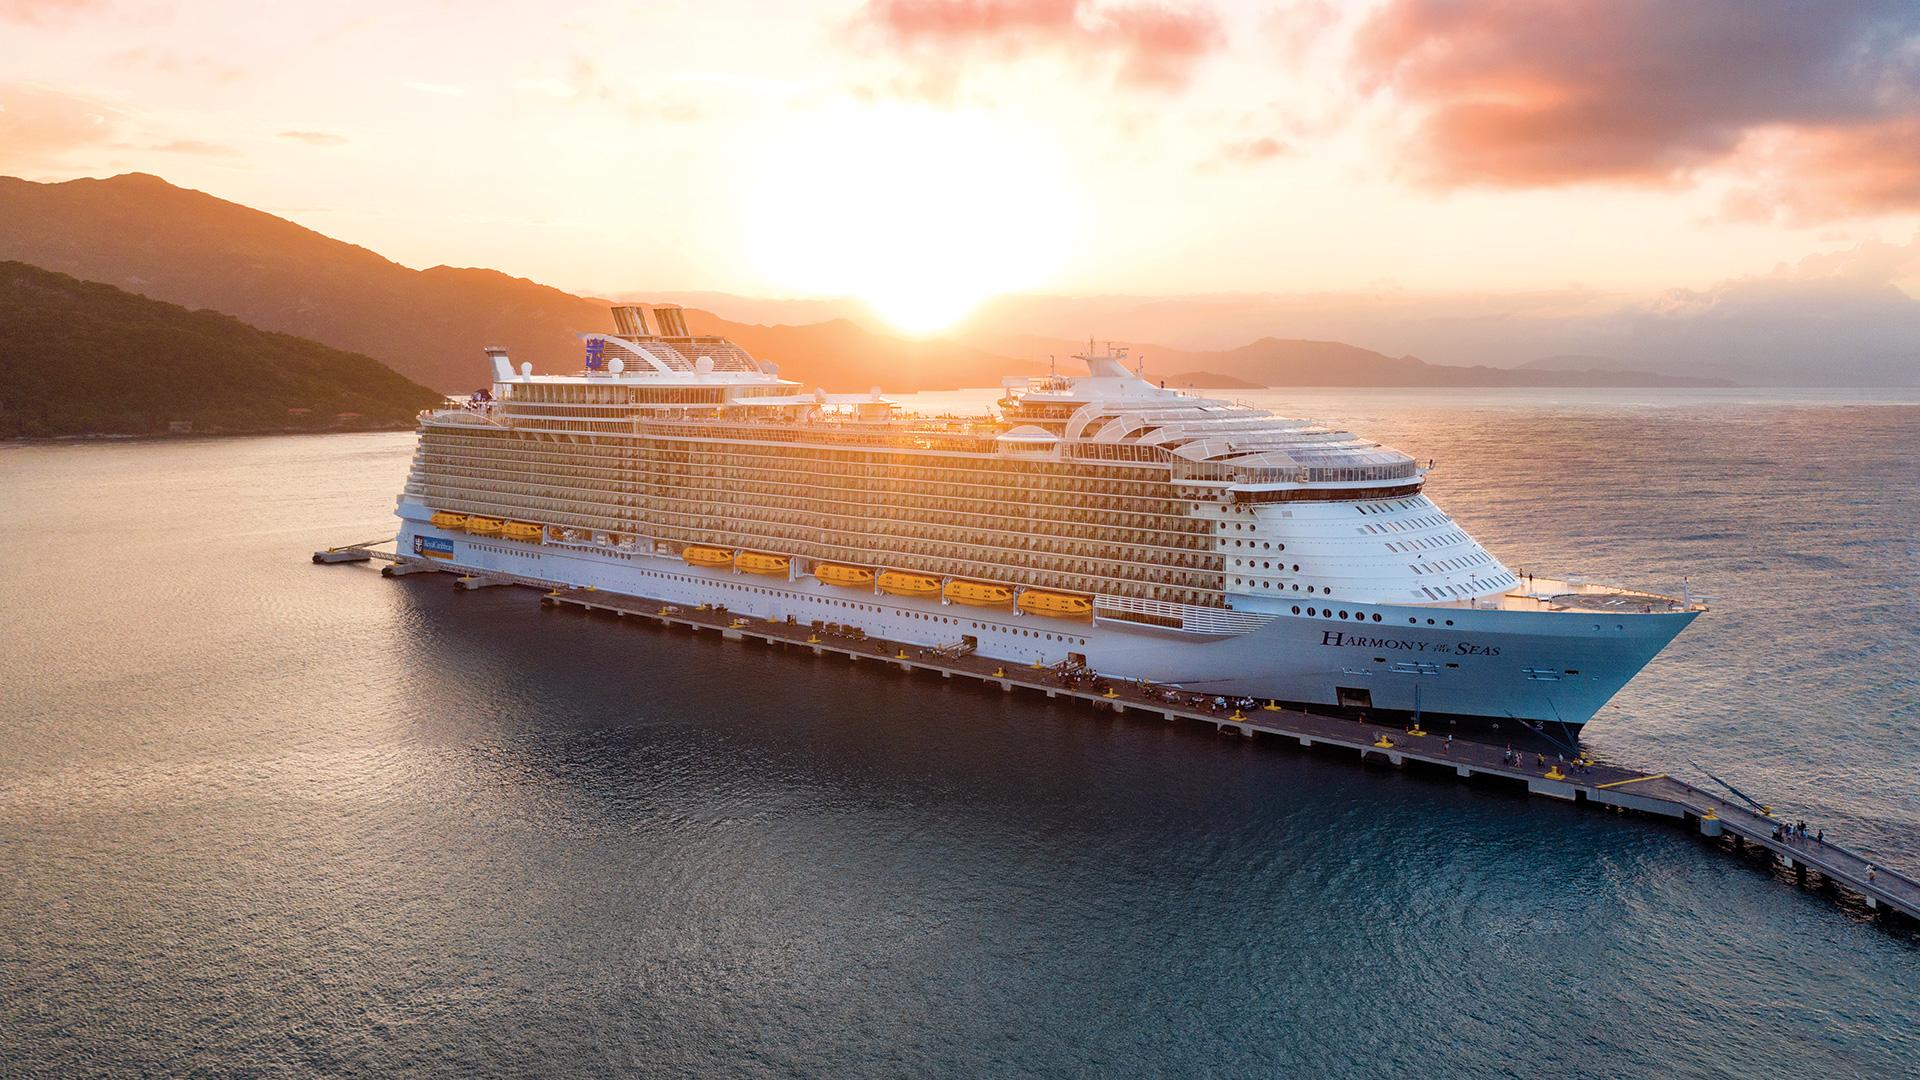 Upptäck Östra Karibien med Harmony of the Seas - Denna kryssning tar dig till ut i Östra Karibien, till Cococay, Bahamas och även till paradisöarna St Martin och St Thomas. Mängder av aktiviteter ombord för barnfamiljen. Välkommen att uppleva den bästa klassen av fartyg från Royal Caribbean, Oasis-klassen.